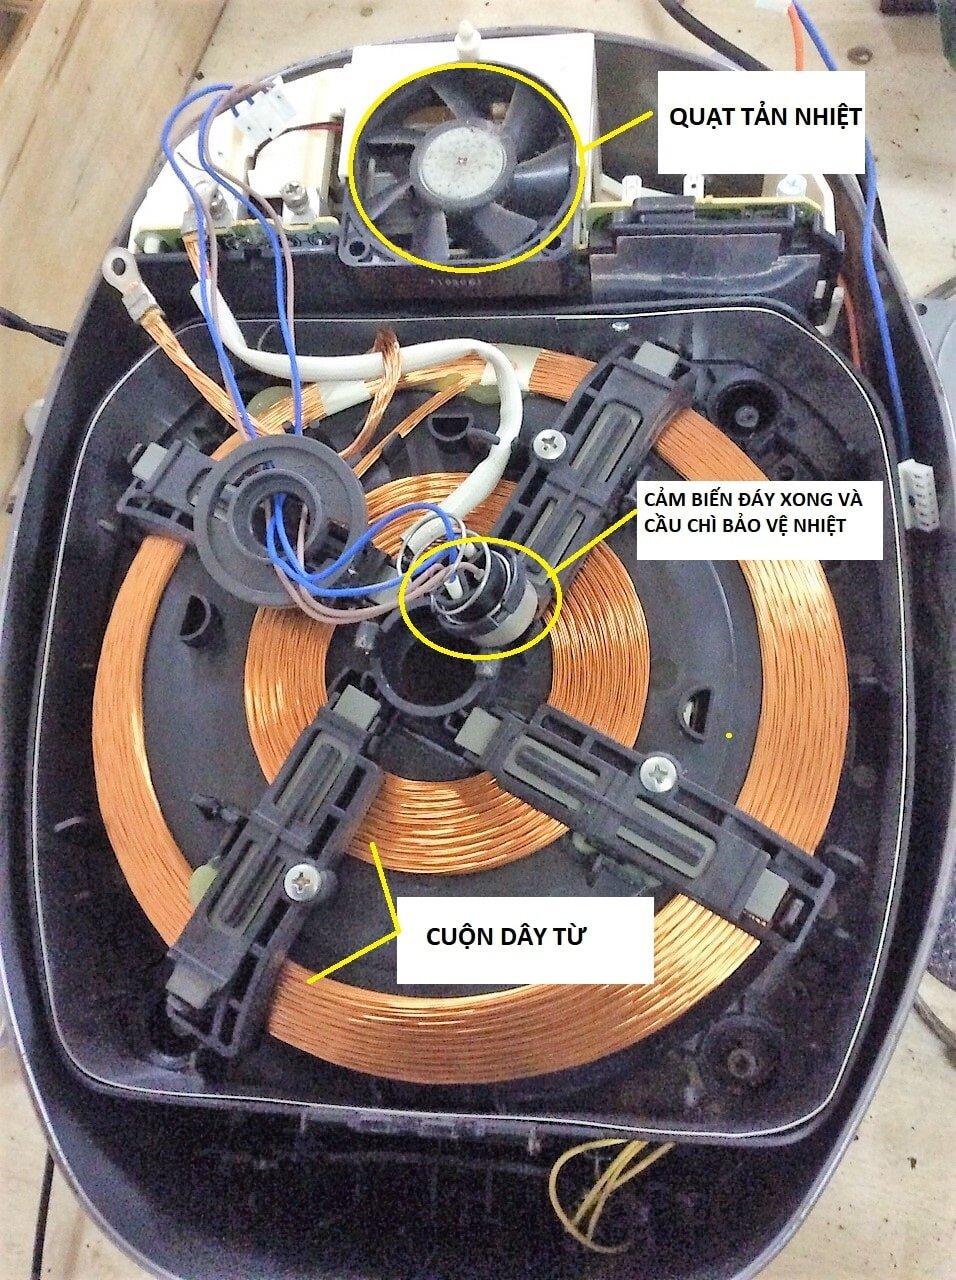 Cách sửa nồi cơm điện tử